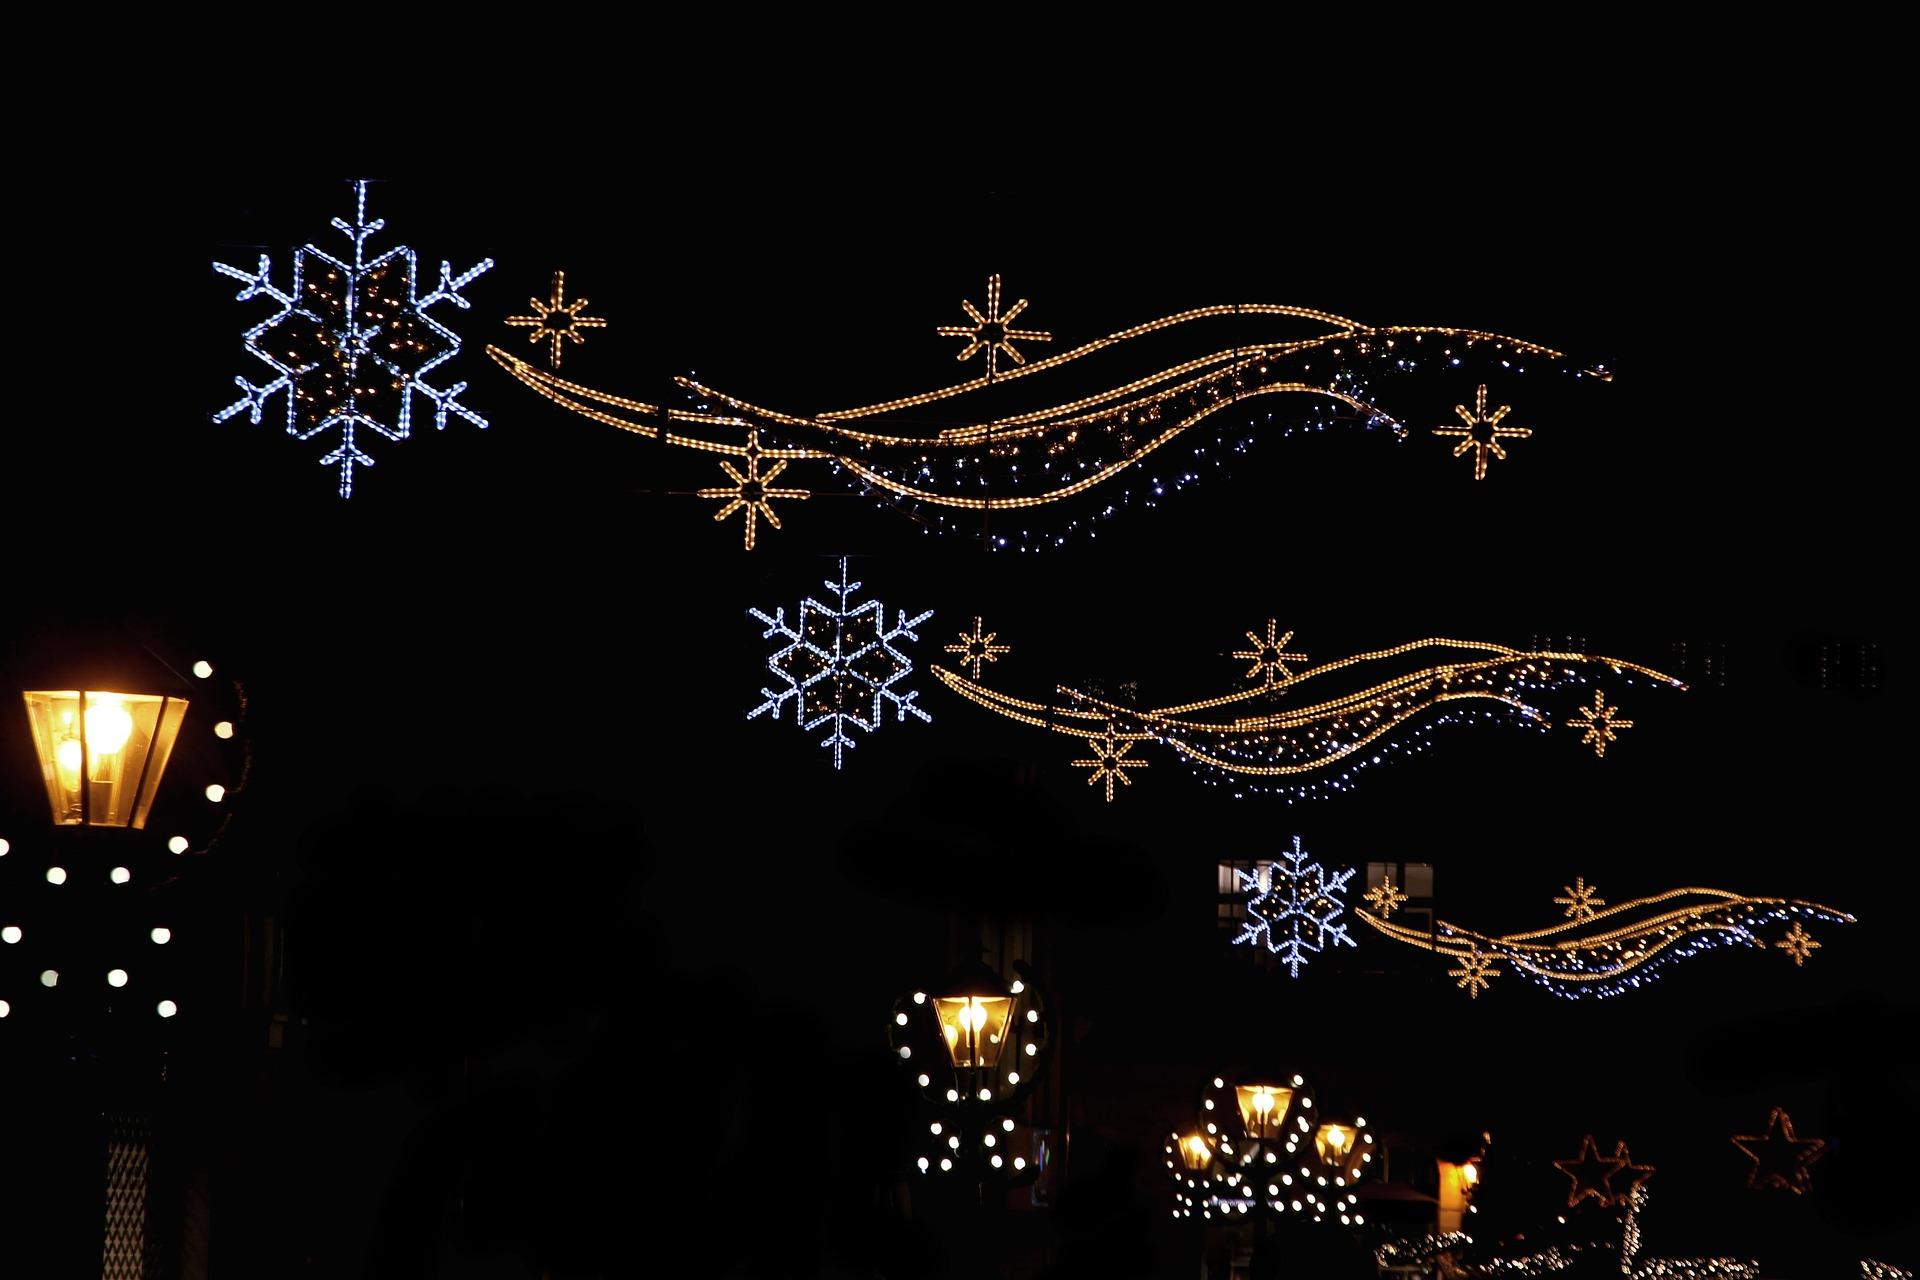 Nicht nur die Holzhütten, sondern auch die Straßen verwandeln sich zur Weihnachtszeit in ein funkelndes Lichtermeer